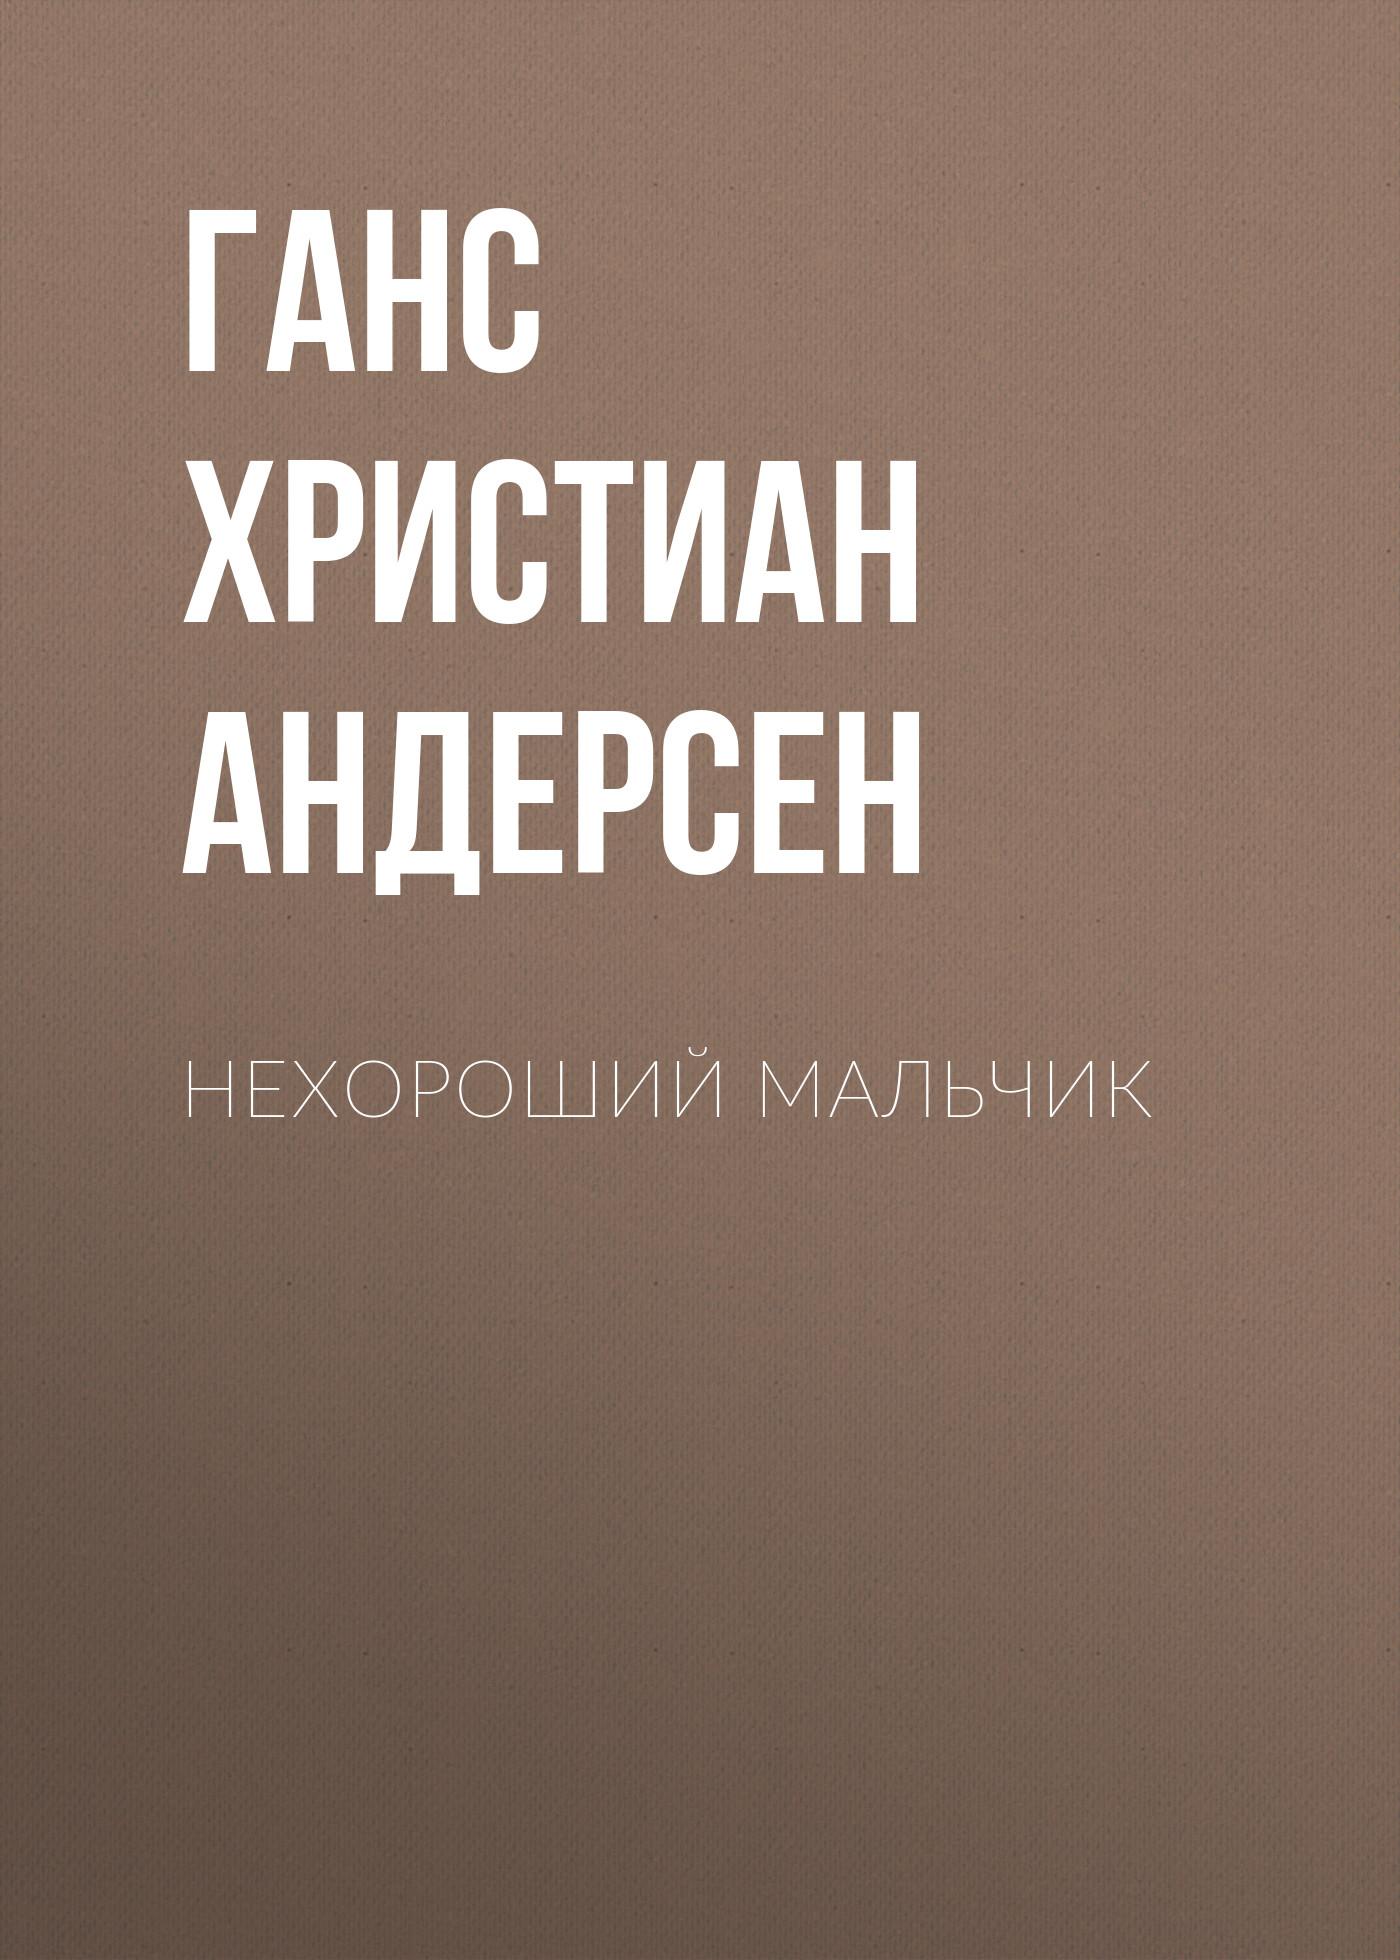 nekhoroshiy malchik